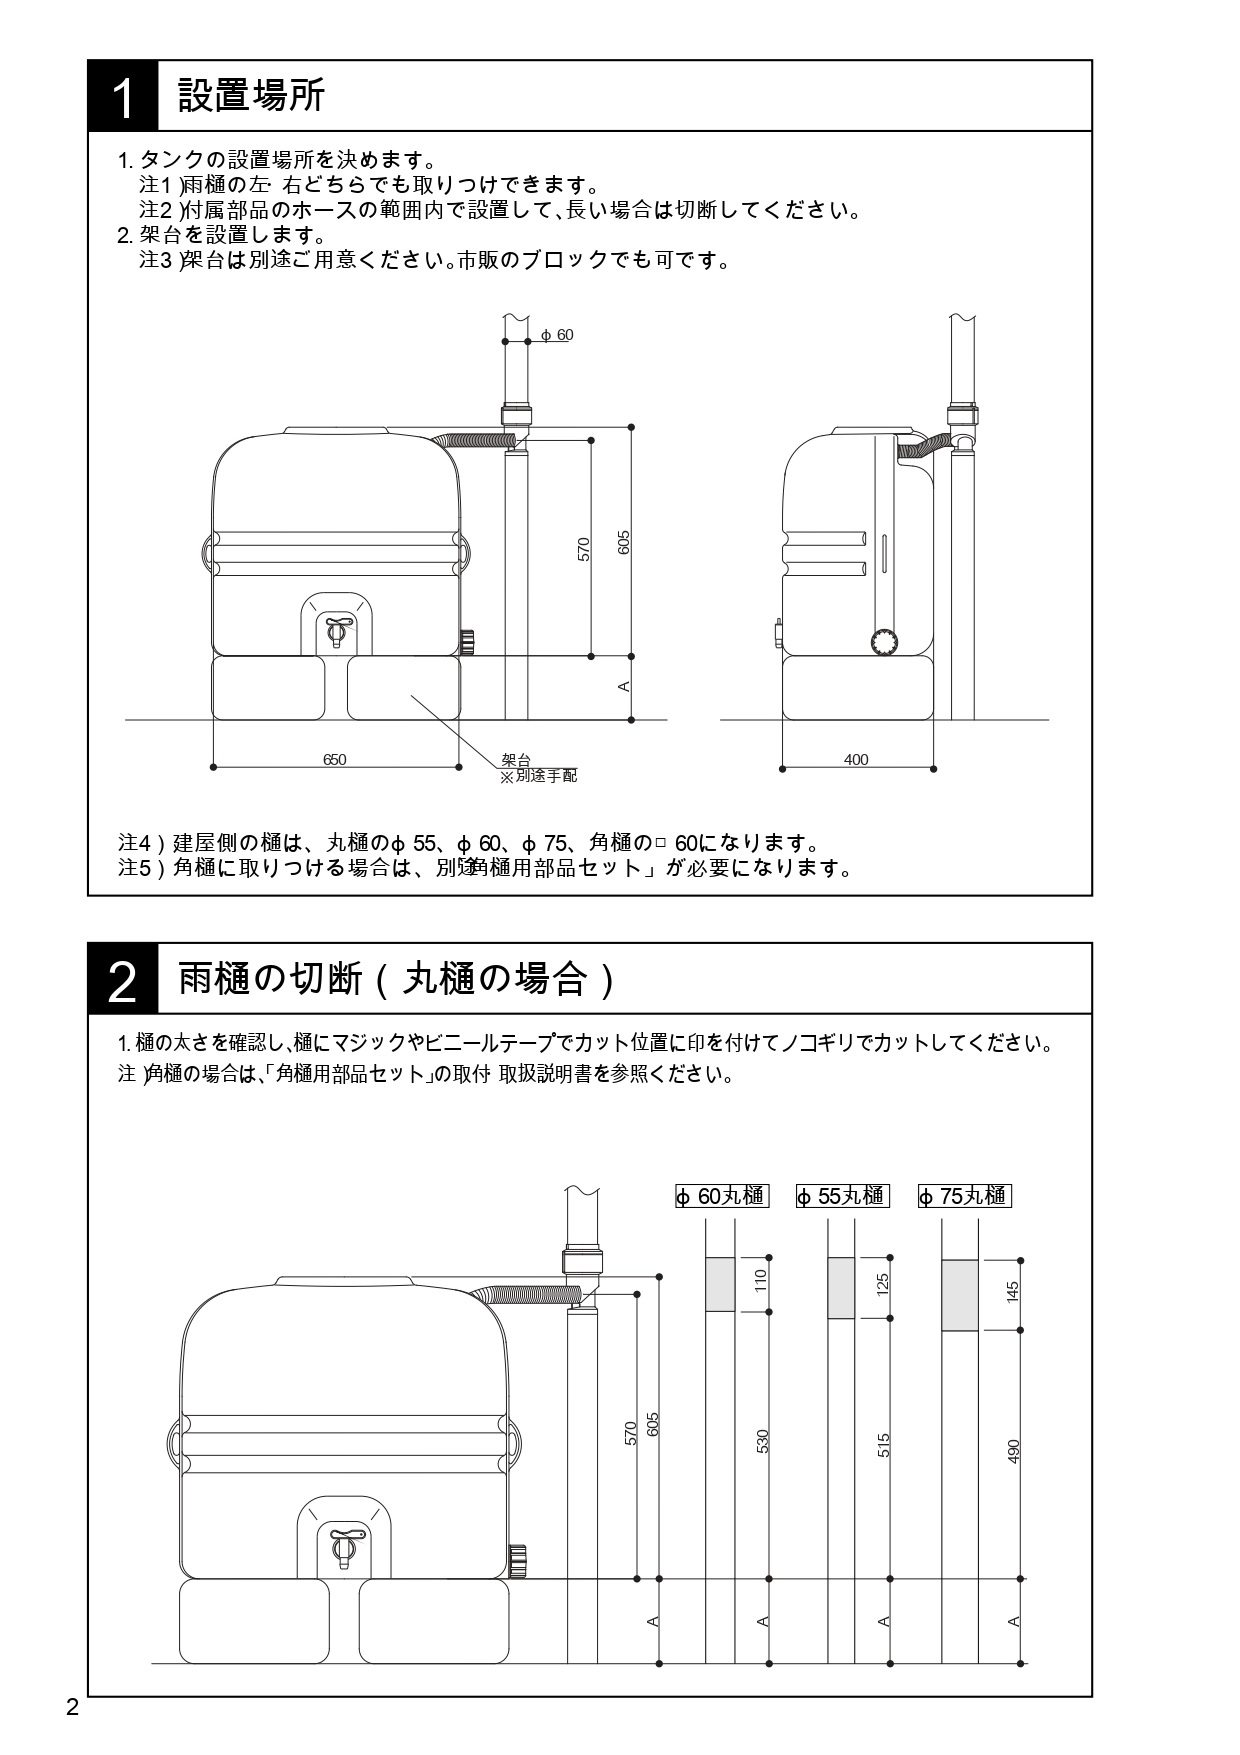 レインキーパーP2型 施工説明書_page-0002